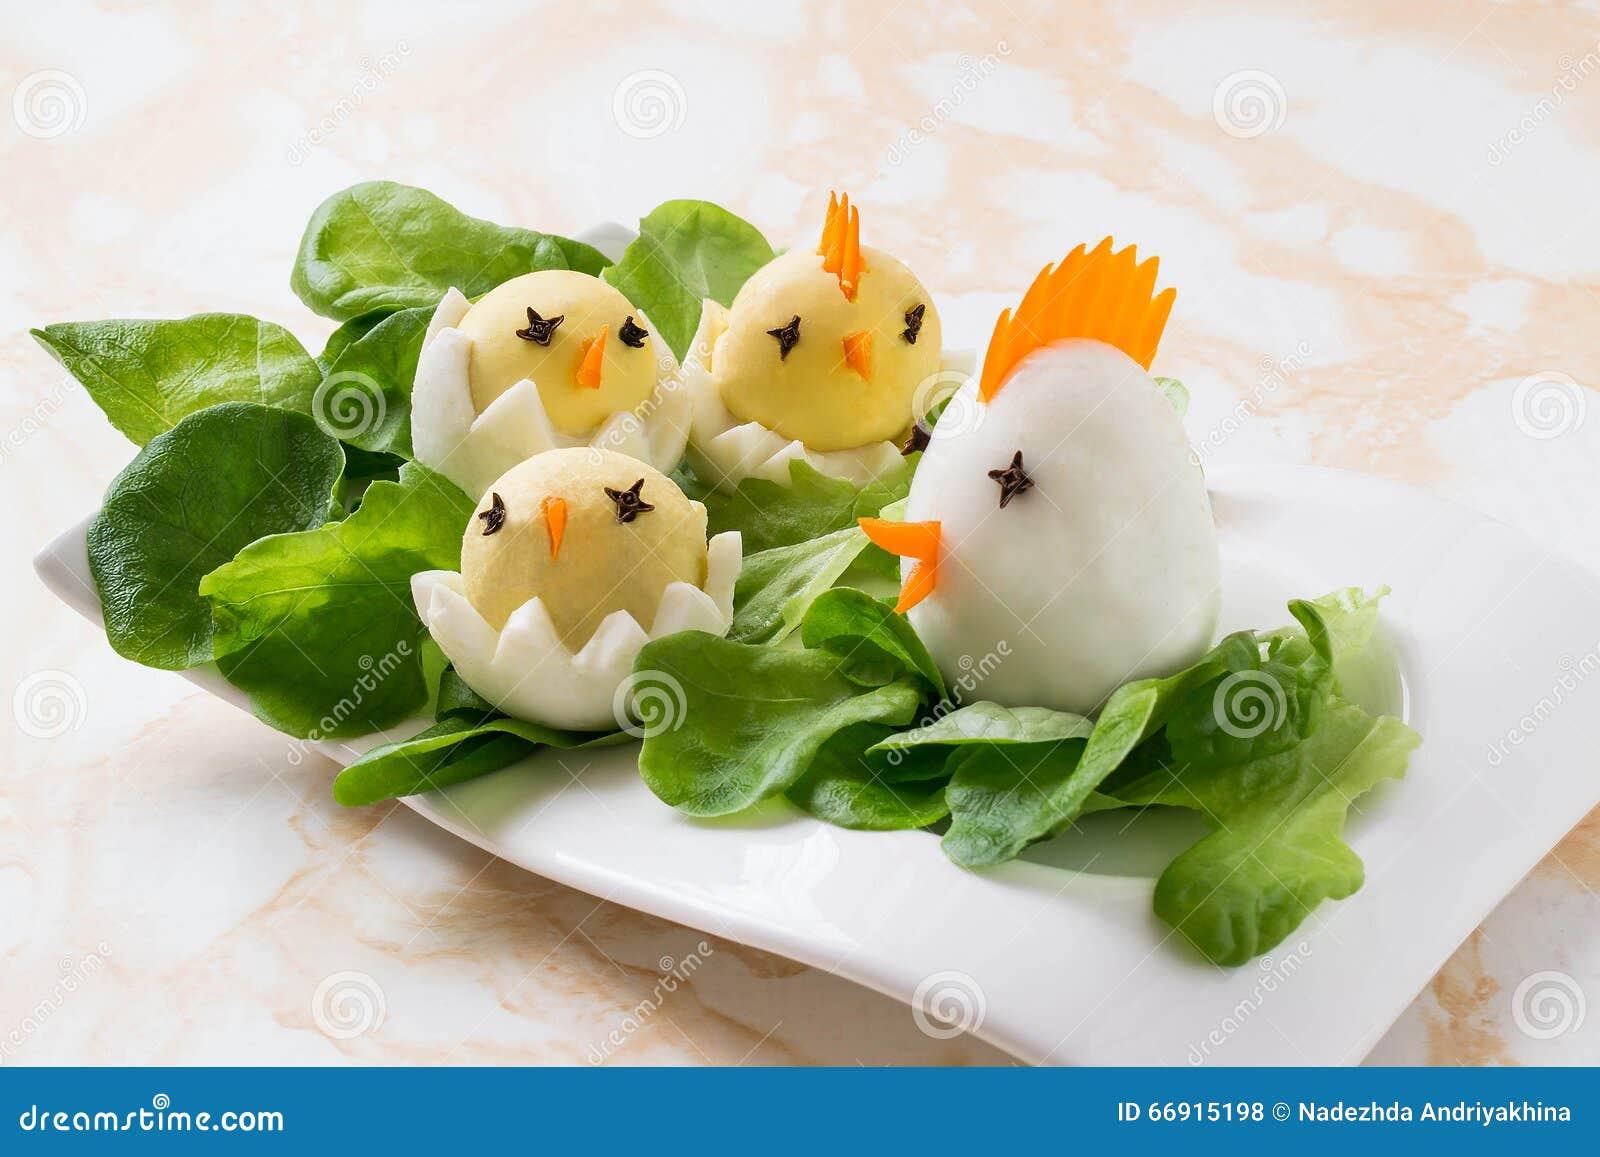 Pasen voorgerecht van gekookte eieren stock foto afbeelding 66915198 - Ontwerp voorgerecht ...